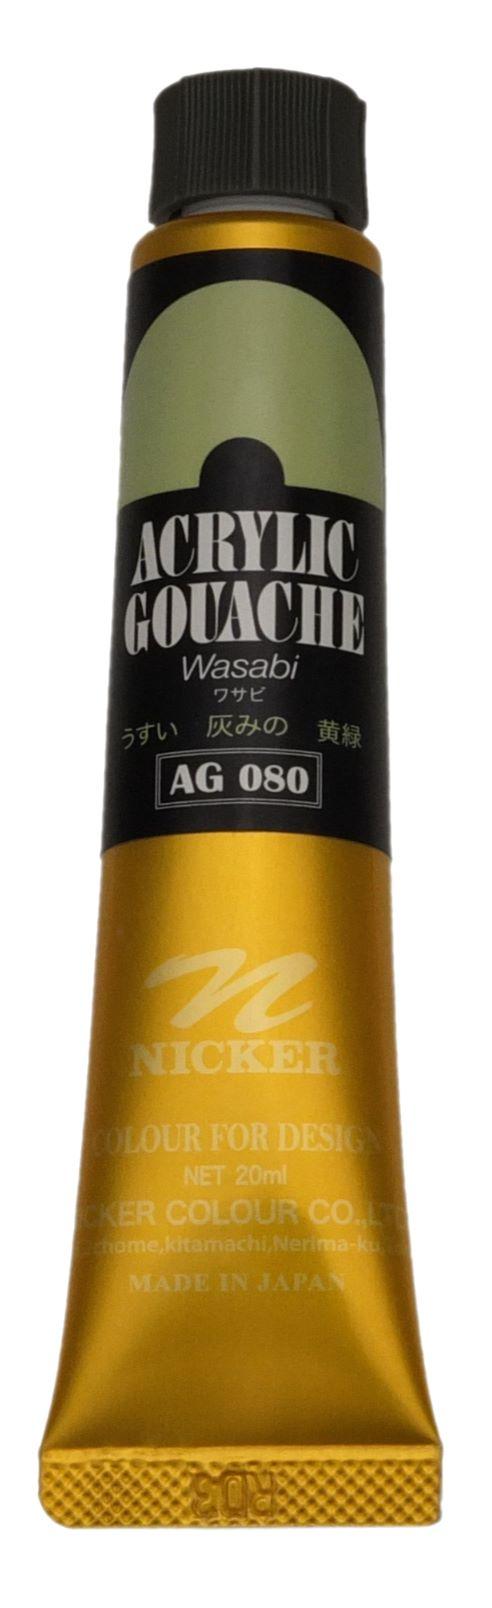 <Discontinued> ACRYLIC GOUACHE 20ml AG080 WASABI